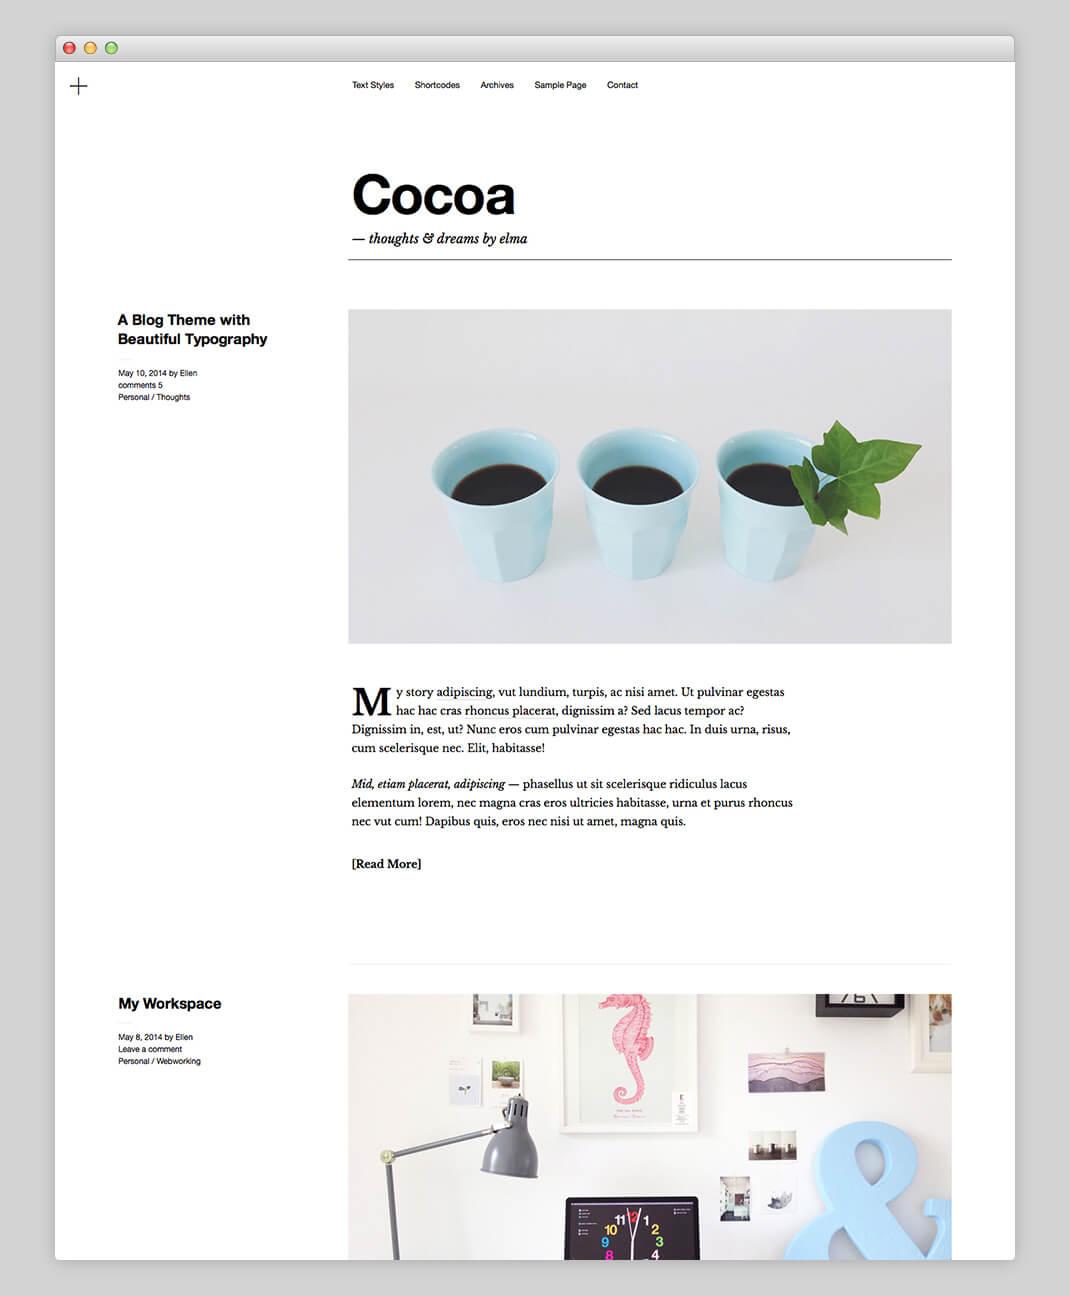 Cocoa-1070